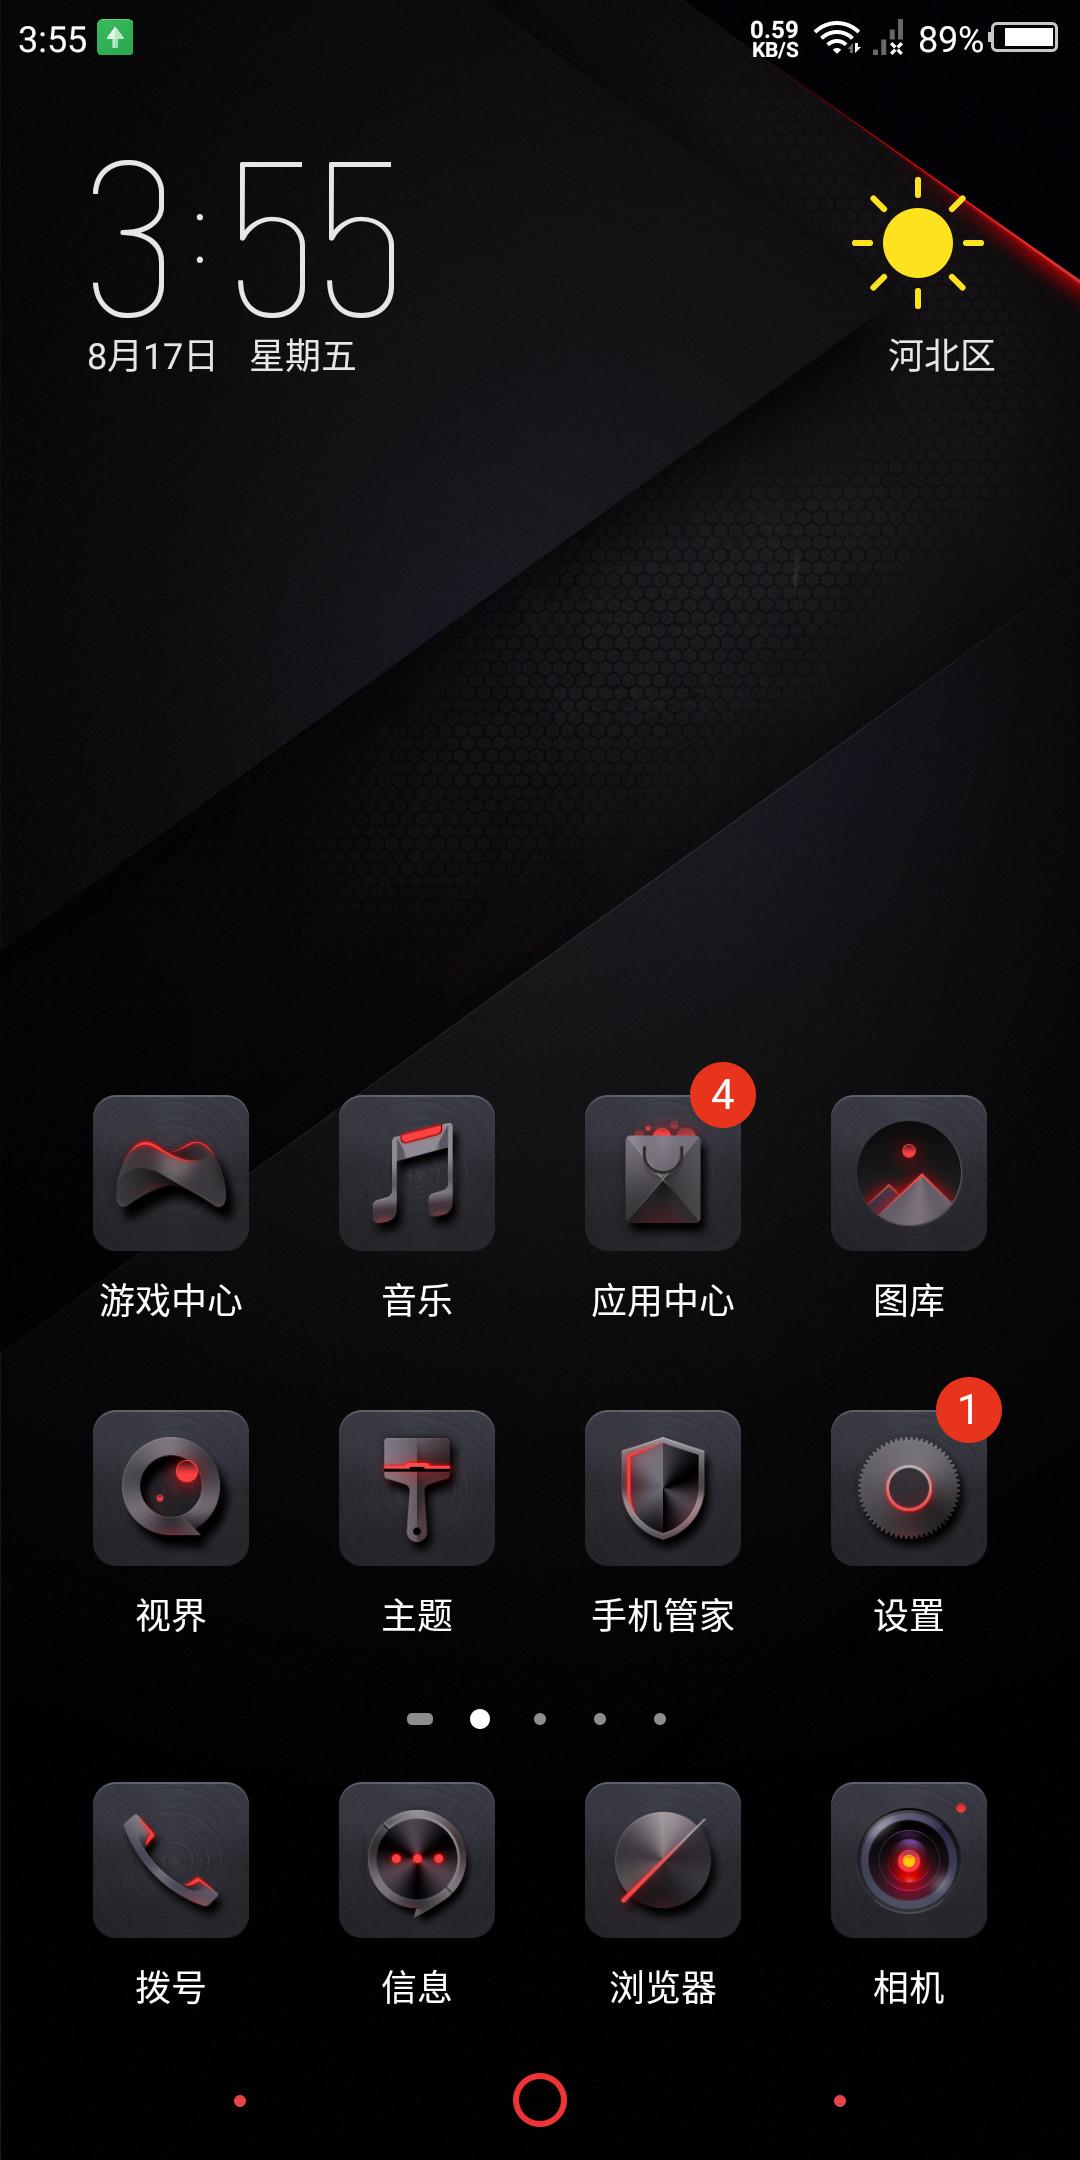 努比亚红魔电竞游戏手机(64GB)手机功能界面第2张